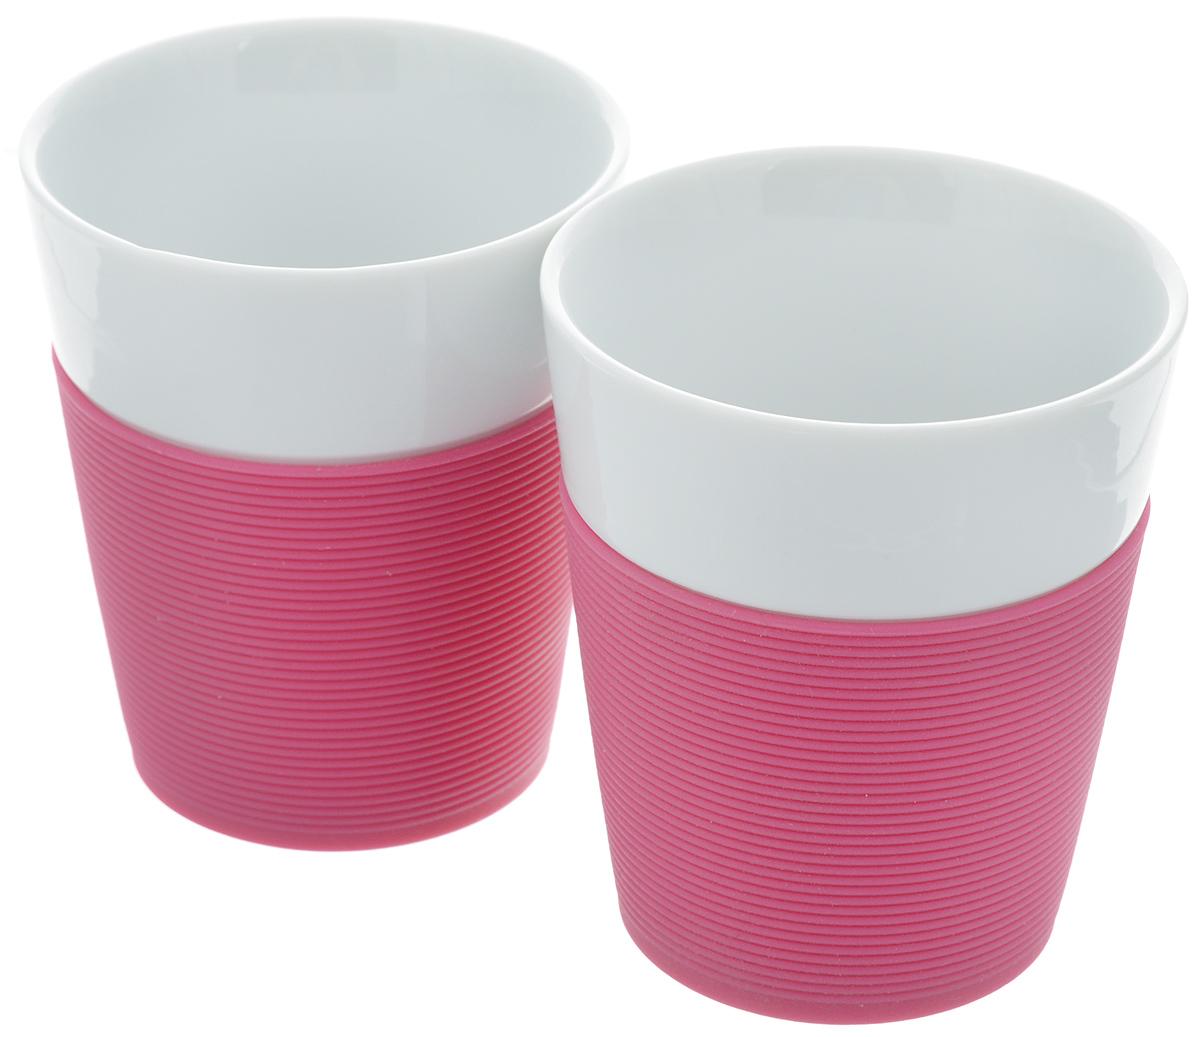 Набор стаканов Bodum Bistro, 0,3 л, 2 штVT-1520(SR)Набор стаканов Bodum Bistro состоит из 2 фарфоровых стаканов высокого качества. Изделия обернуты яркой силиконовой лентой, которая защищает вашу руку от чрезмерно высокой температуры напитка. Такие стаканы приятны на ощупь и позволяют удобно держать стакан в руках. Благодаря двойным стенкам, напиток в такой кружке остается горячим гораздо дольше. Такой набор порадует вас и ваших близких своим ярким дизайном и удивит своим качеством. Диаметр стакана (по верхнему краю): 8,5 см. Высота стенки: 10 см. Диаметр основания: 6 см.